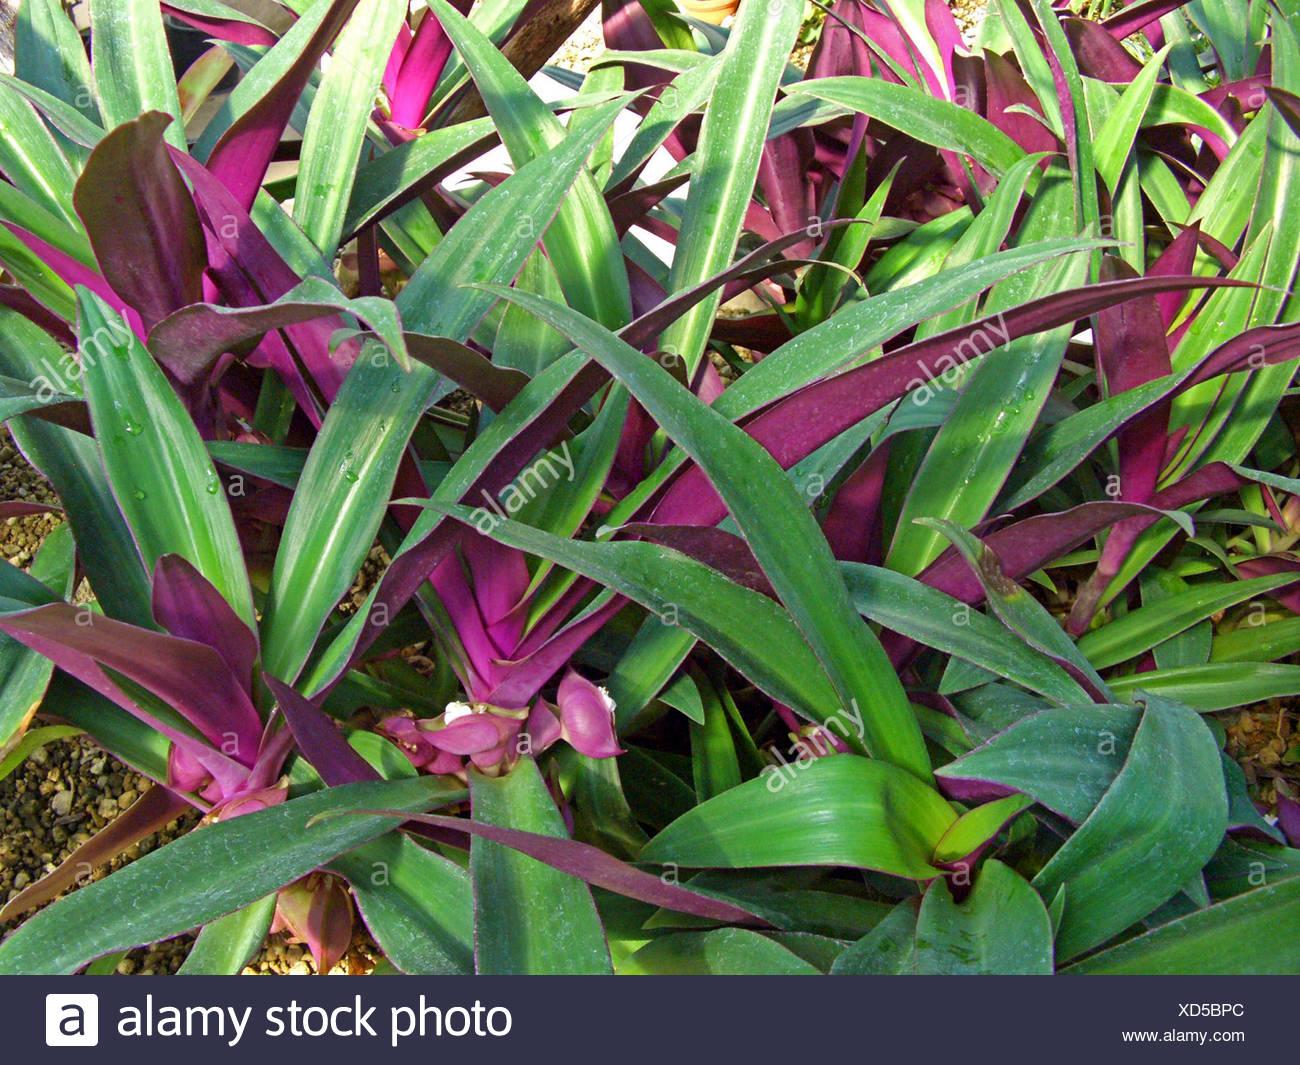 Moisés-en-la-cuna, planta de ostras, Rhoeo (Rhoeo spathacea, Tradescantia spathacea), floreciendo Imagen De Stock